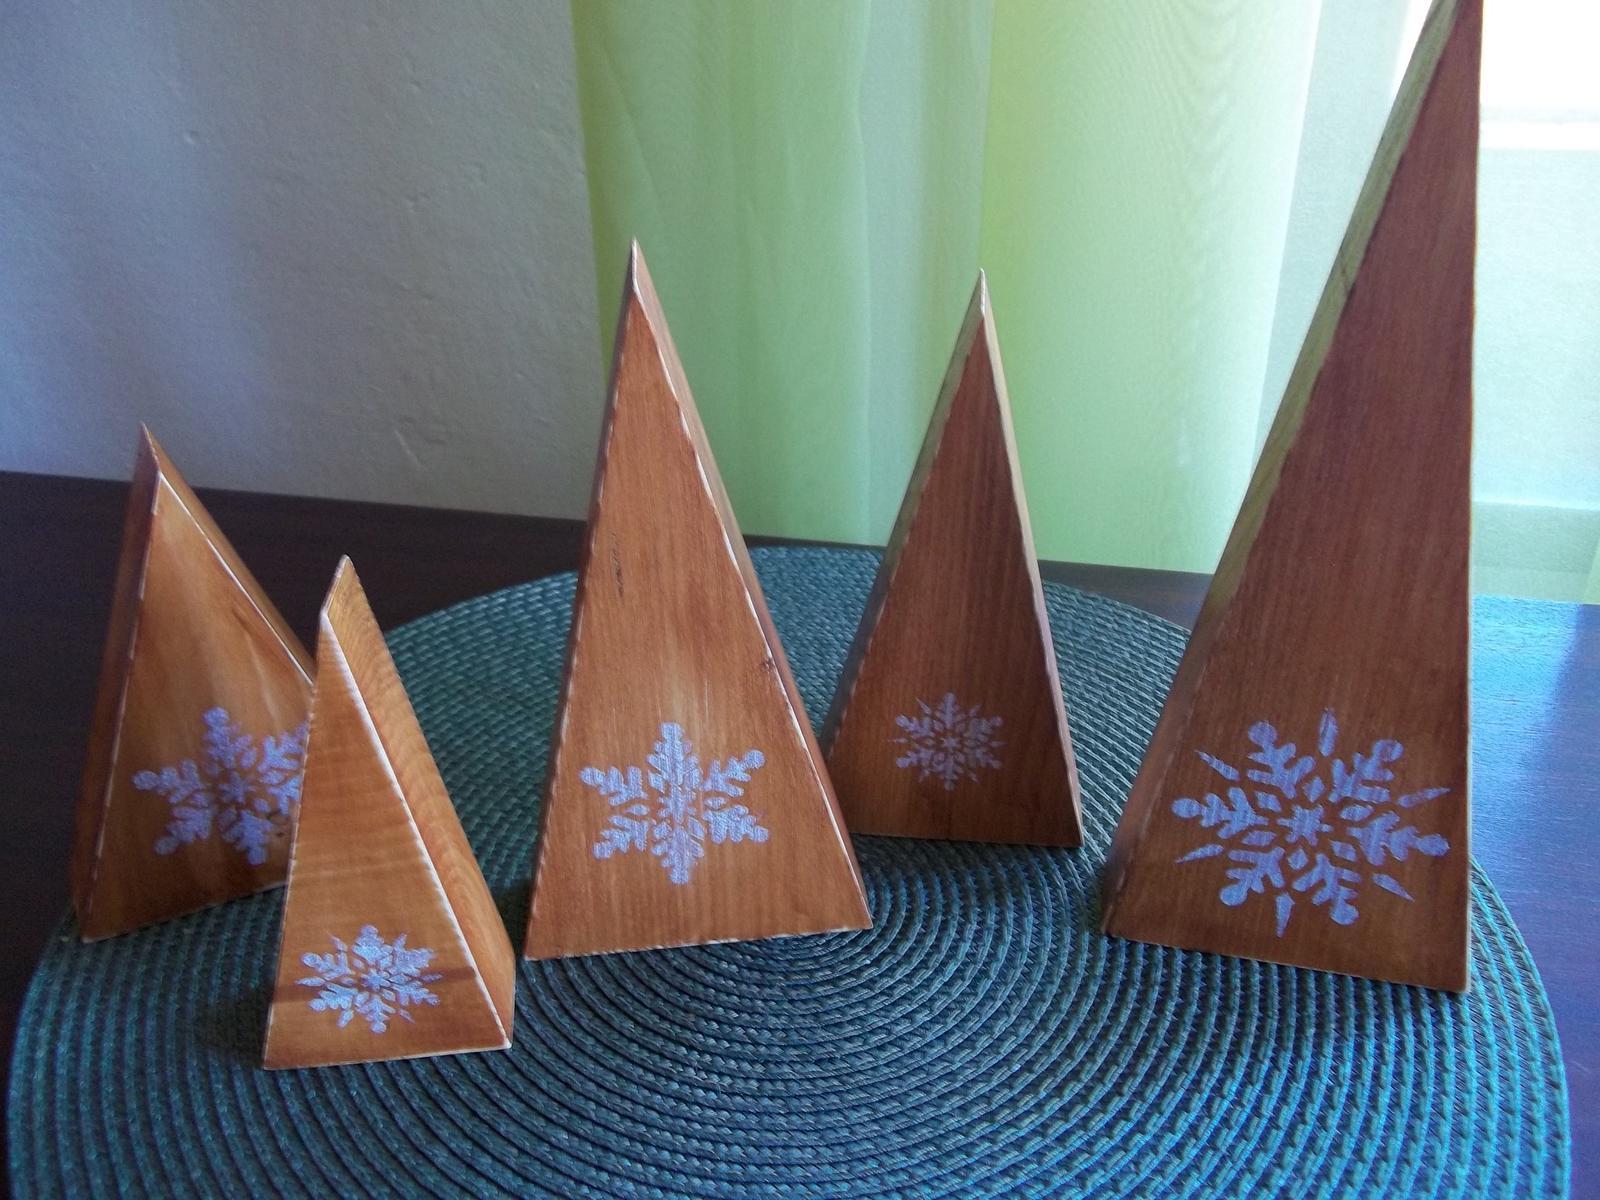 Sada drevených stromčekov,cena spolu - Obrázok č. 2